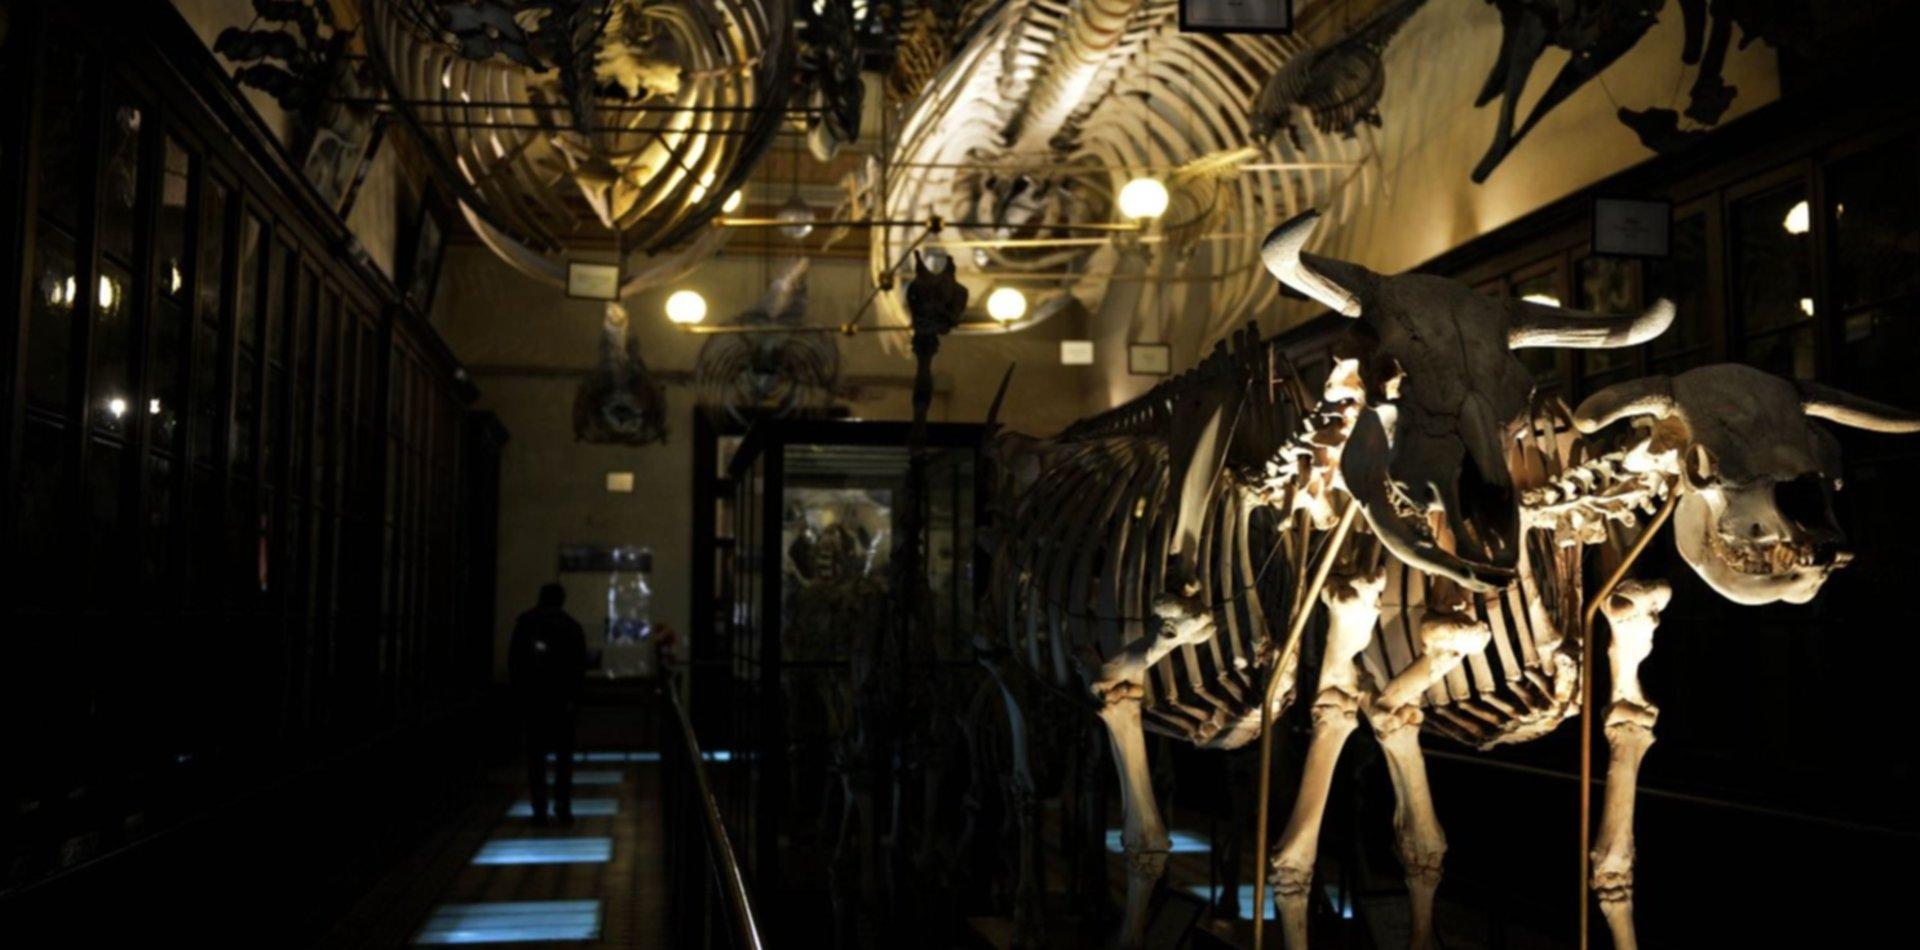 Con un fósil, científicos recrean la evolución de los dinosaurios hasta los cocodrilos